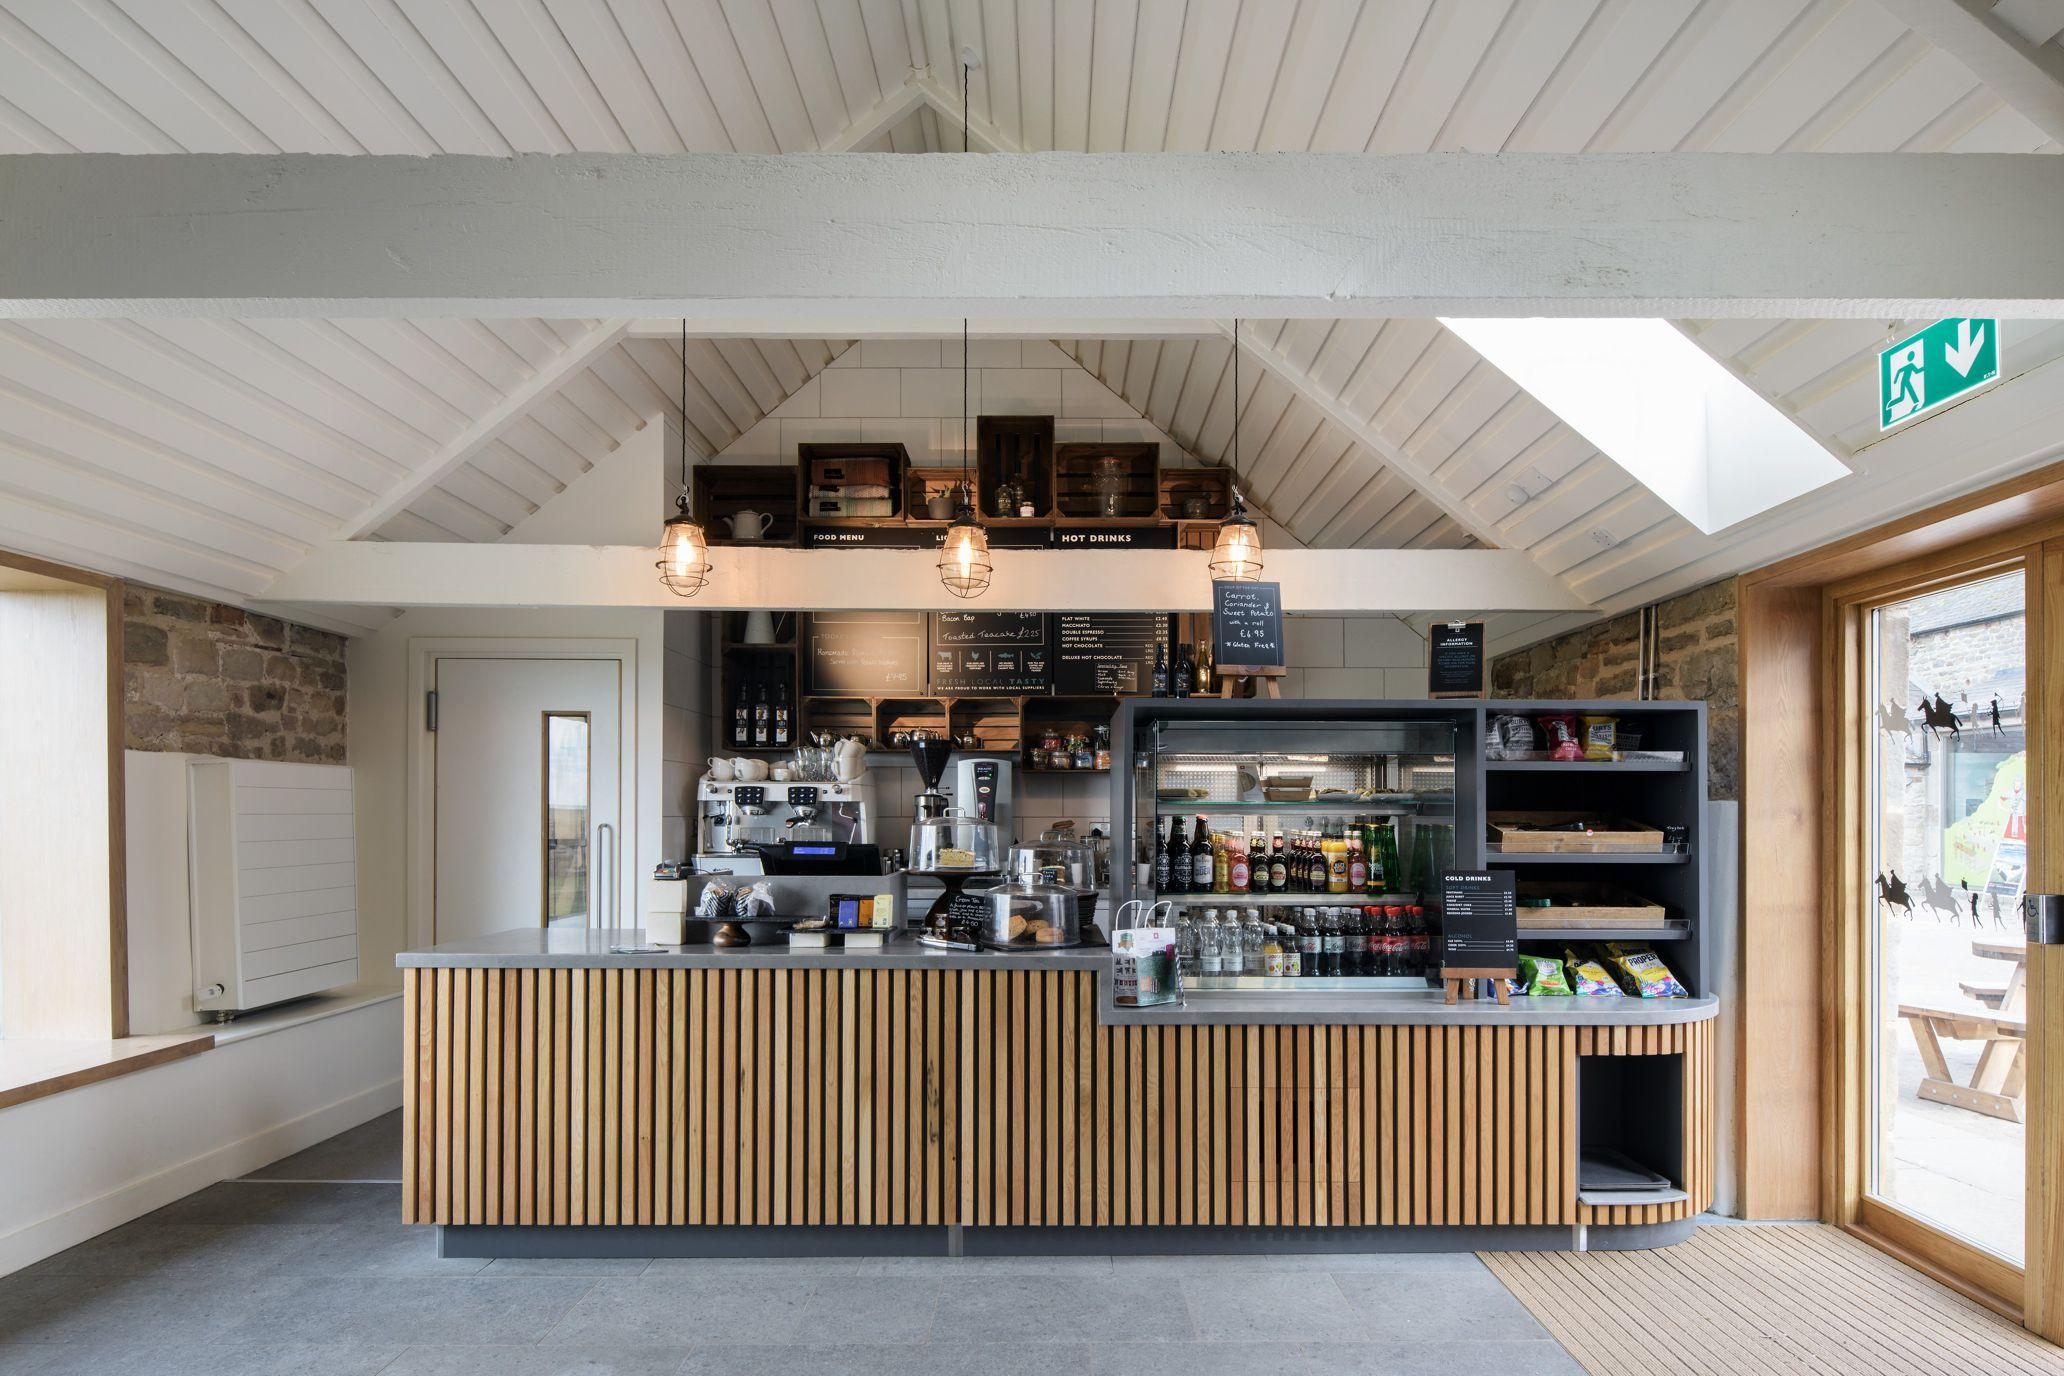 08 Birdoswald Cafe MawsonKerr